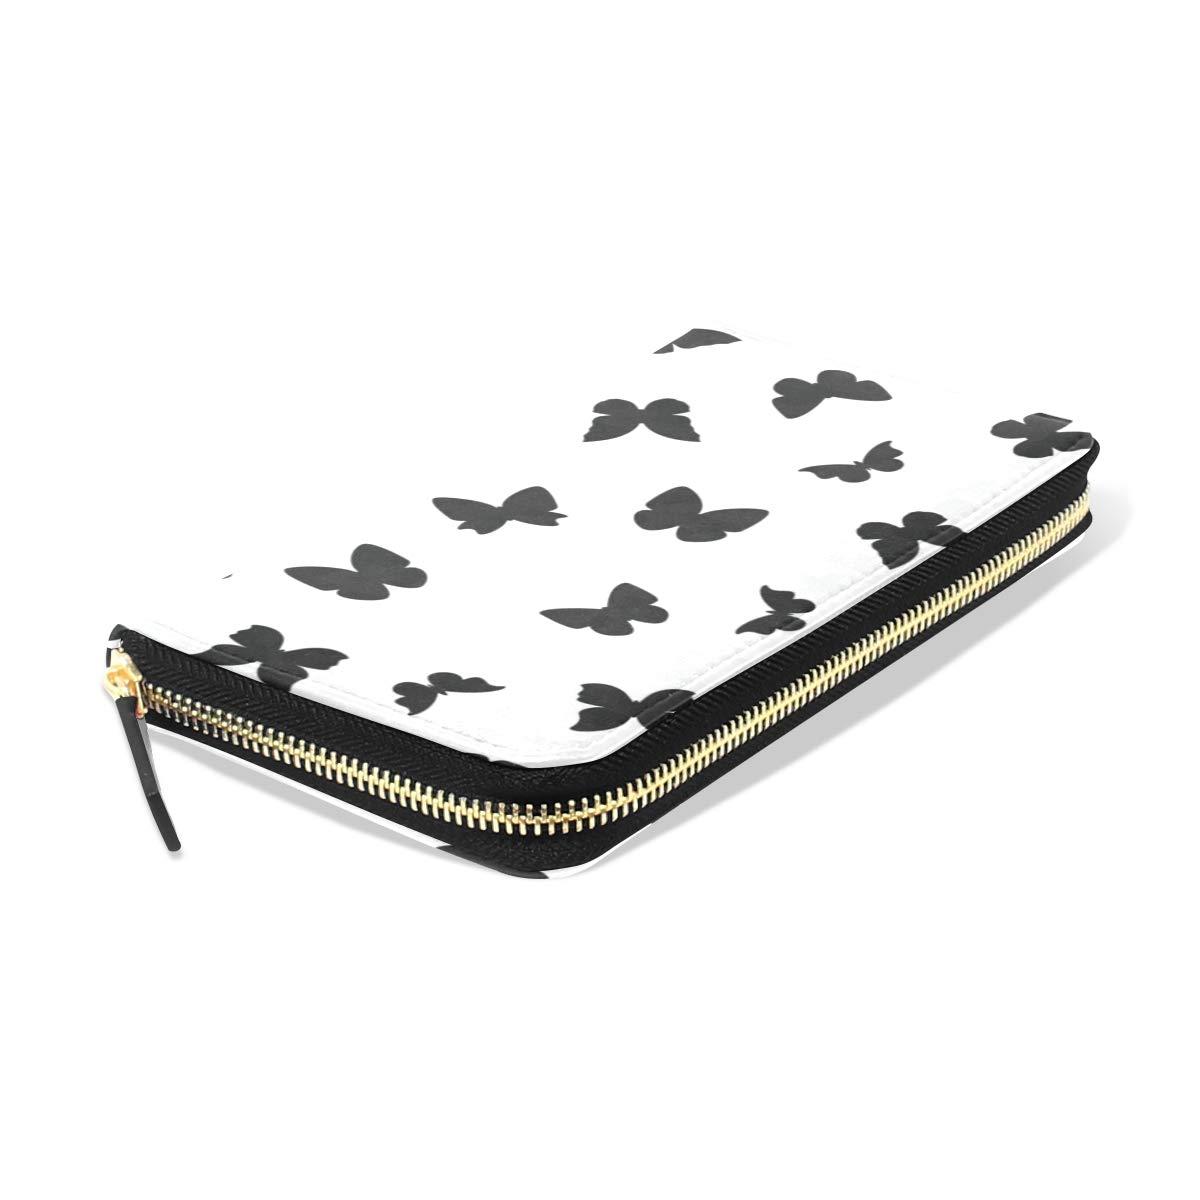 Womens Wallets Black Butterflies Leather Passport Wallet Coin Purse Girls Handbags